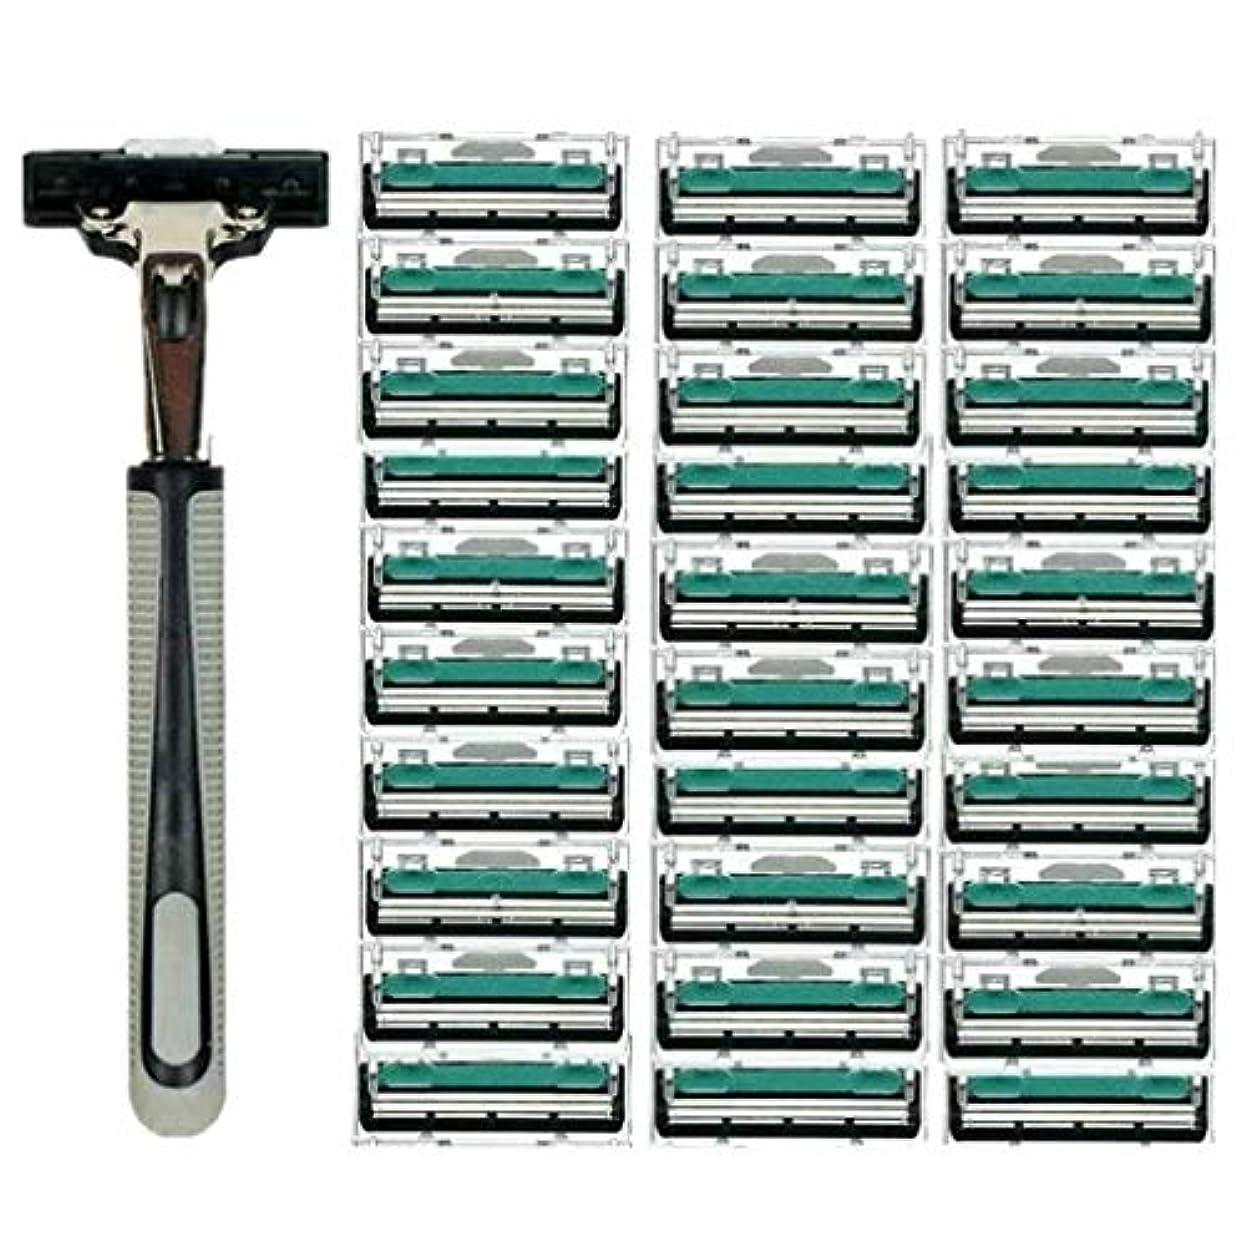 複製する略奪工業化するKOROWA髭剃り 男性カミソリ 替刃30個付 安全性 大容量 …